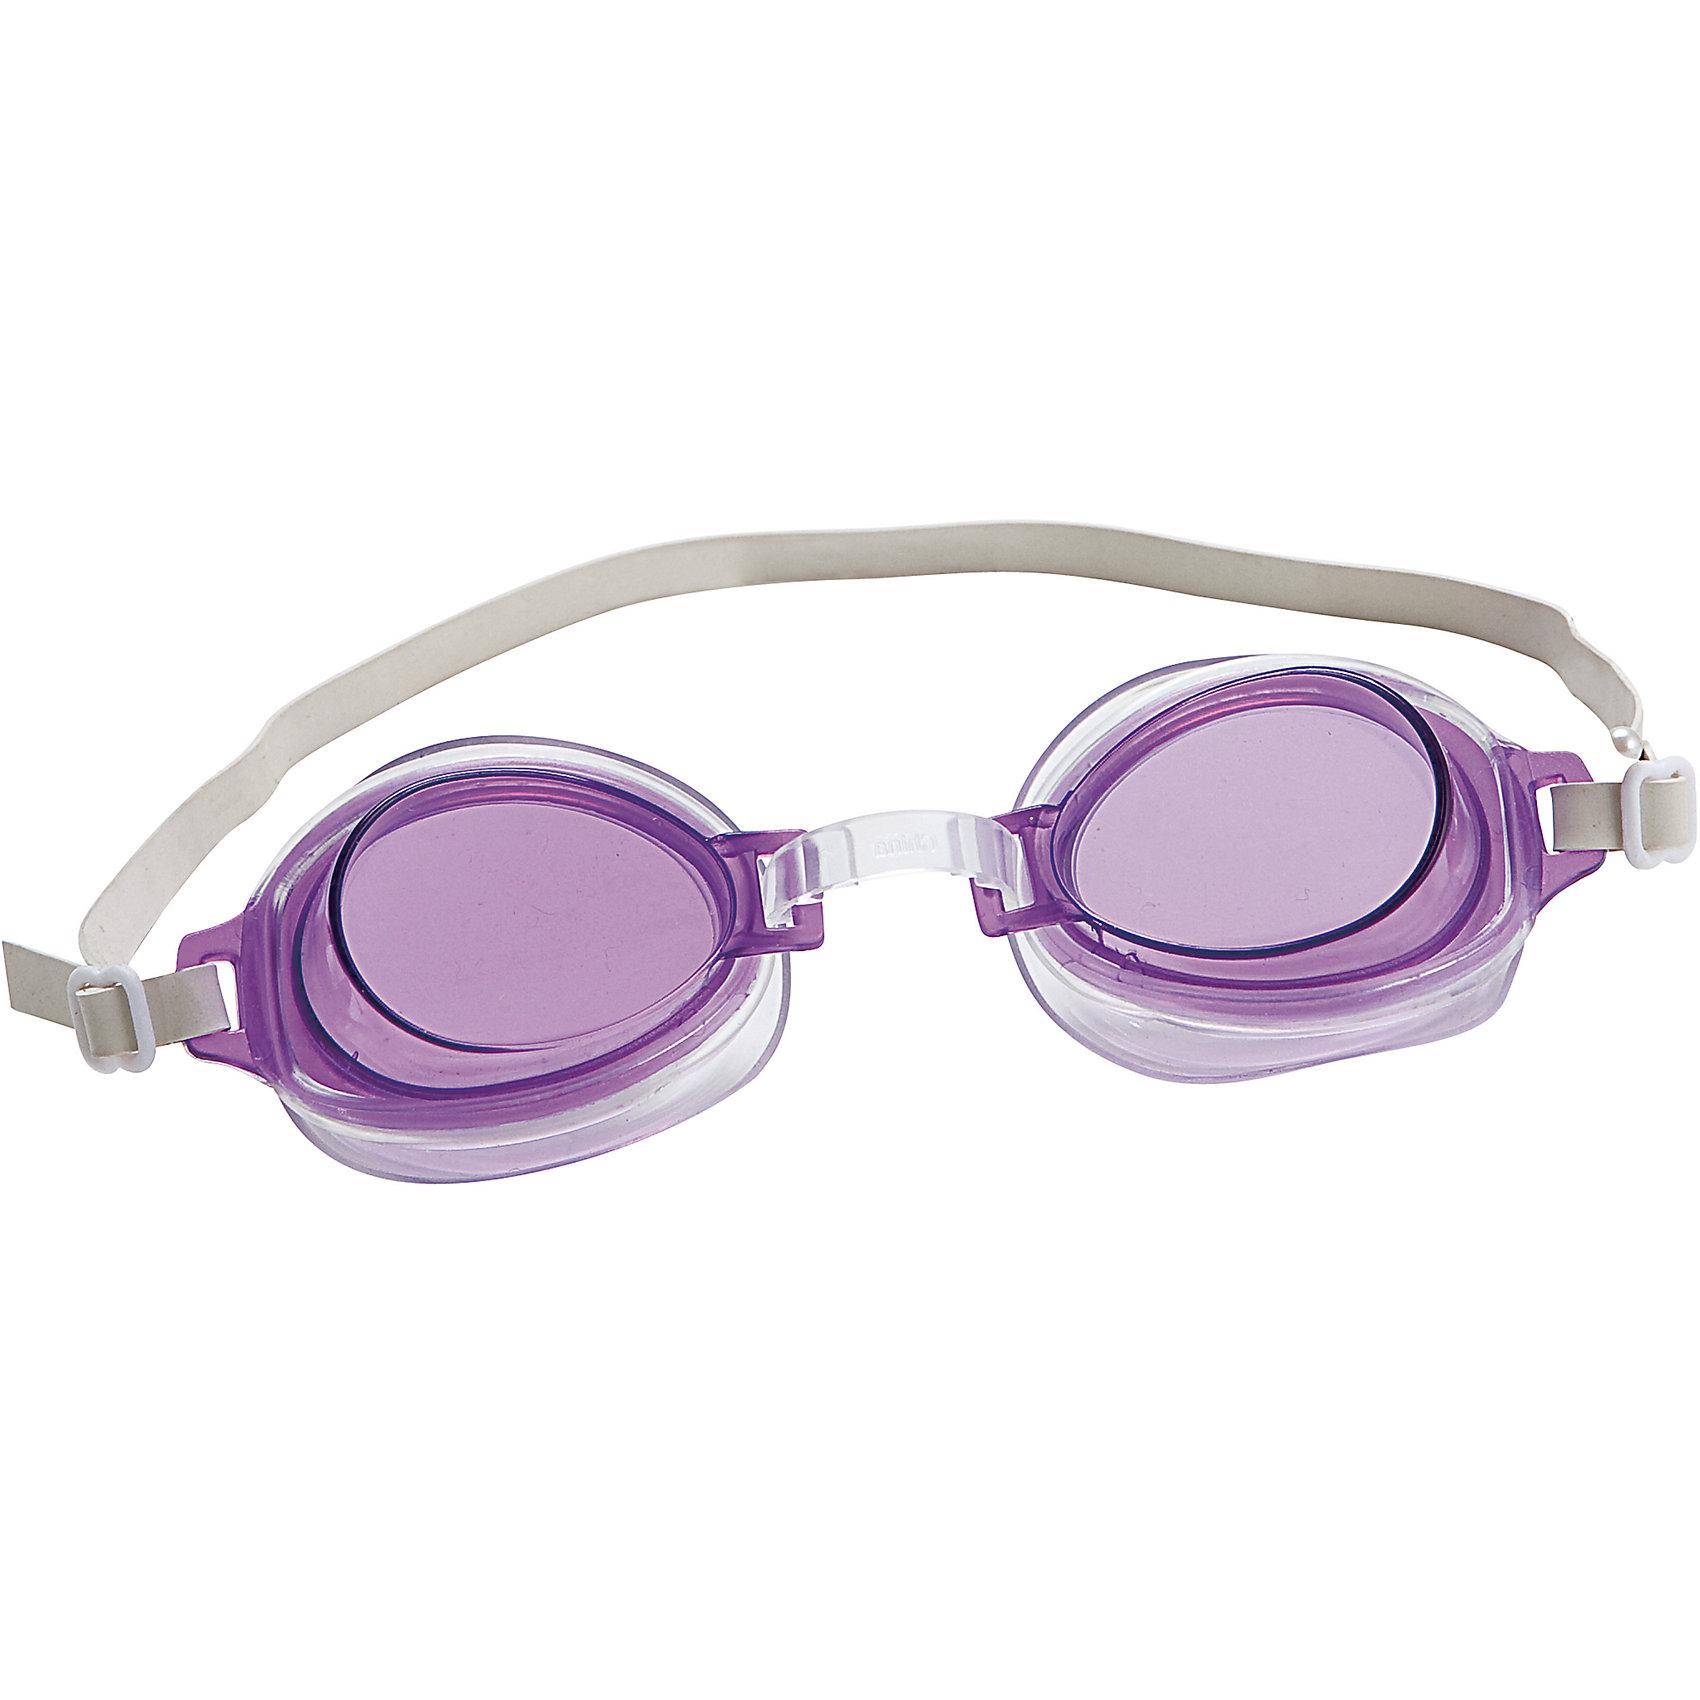 Очки для плавания Bestway High Style, фиолетовыйОчки для плавания High Style - отличный выбор для купания как в открытом водоеме, так и в бассейне. Они прекрасно защитят глаза вашего ребенка от хлорки и селеной воды. Очки для плавания High Style можно купить в нашем интернет-магазине.<br><br>Ширина мм: 20<br>Глубина мм: 200<br>Высота мм: 150<br>Вес г: 1550<br>Возраст от месяцев: 36<br>Возраст до месяцев: 72<br>Пол: Унисекс<br>Возраст: Детский<br>SKU: 4829100